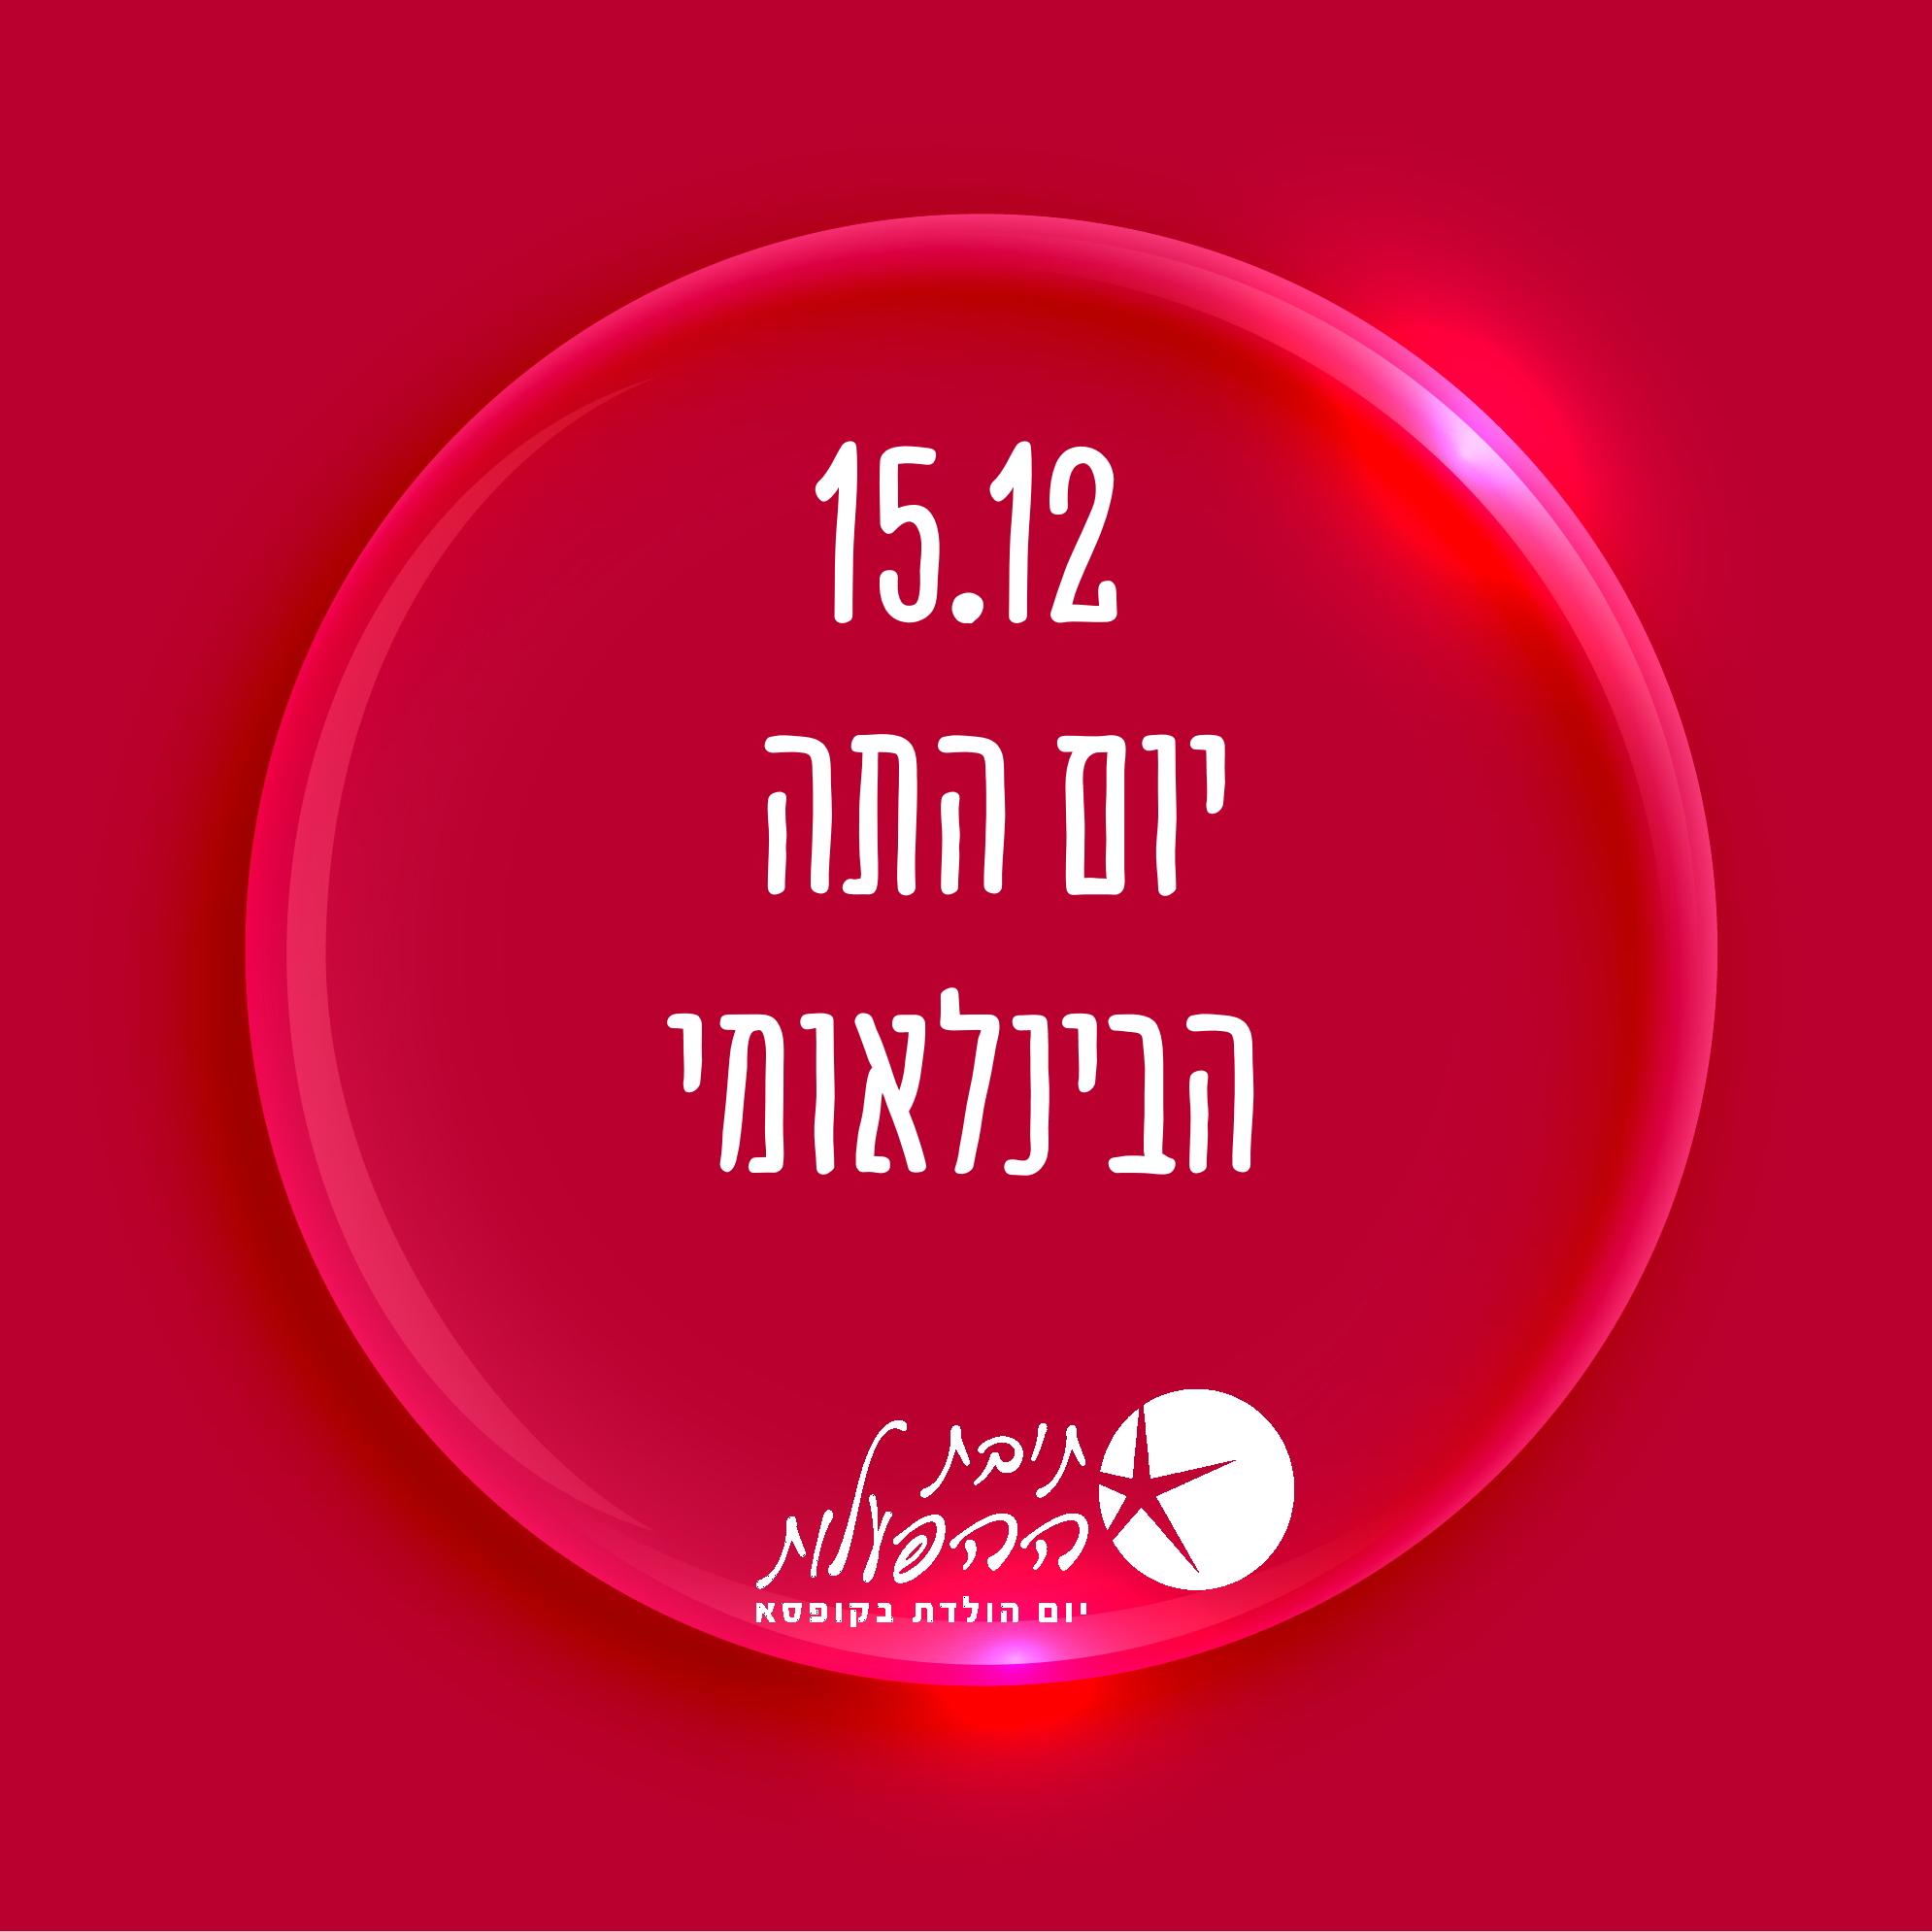 15-12 יום התה הבינלאומי